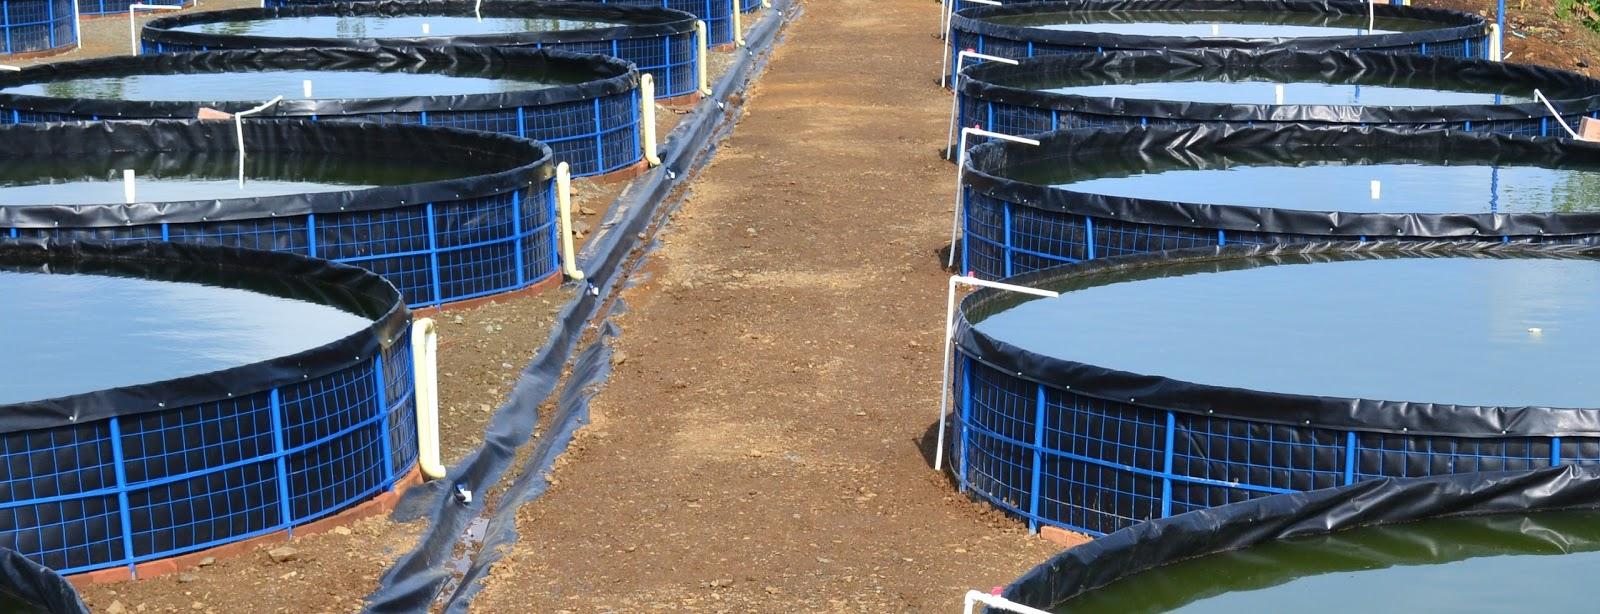 Asesoria y estanques para cultivo de tilapia mojarra roja for Como hacer un estanque para criadero de tilapia